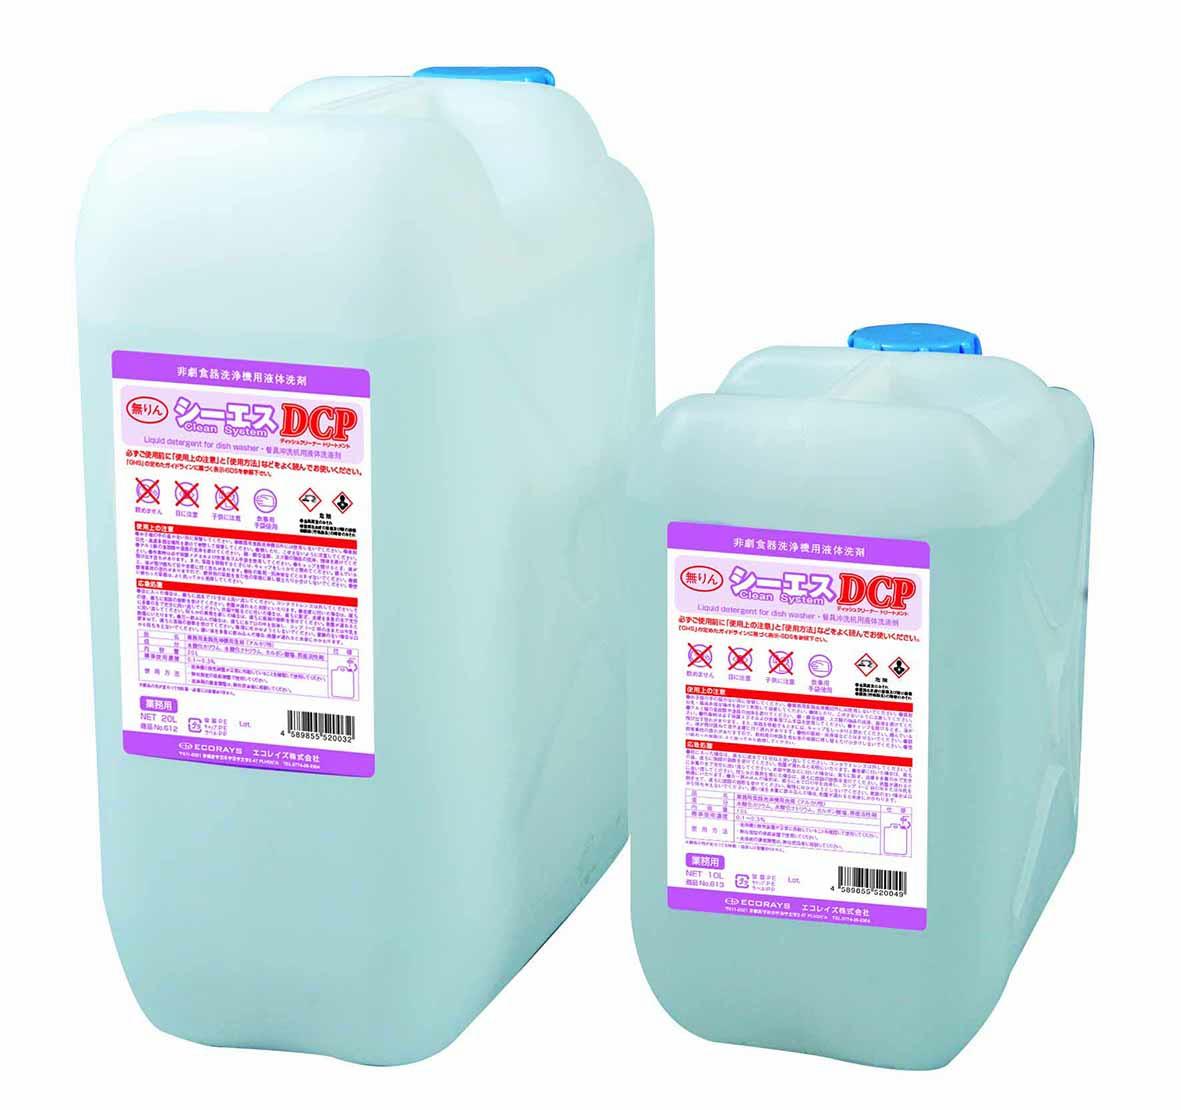 メーカー在庫限りエコレイズ食器洗浄機用洗浄剤 シーエスDCP 20LマイアルファクリーンPM